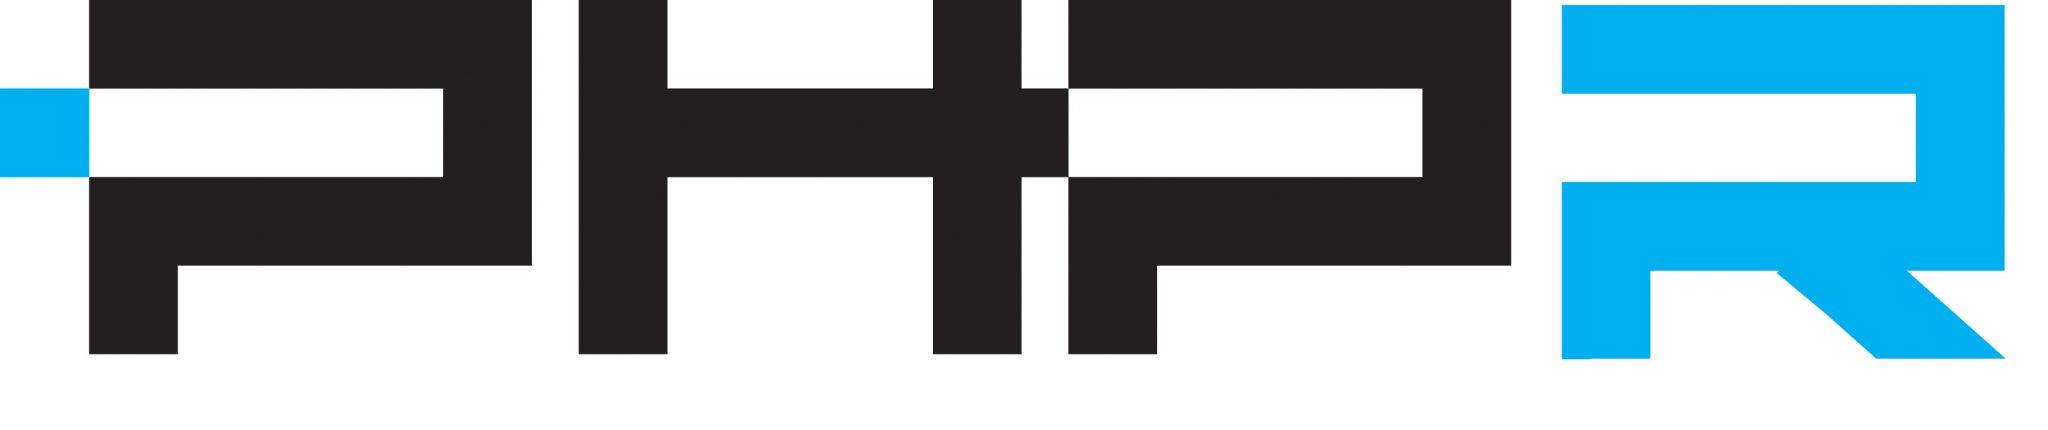 logoPHPR_BD_C2